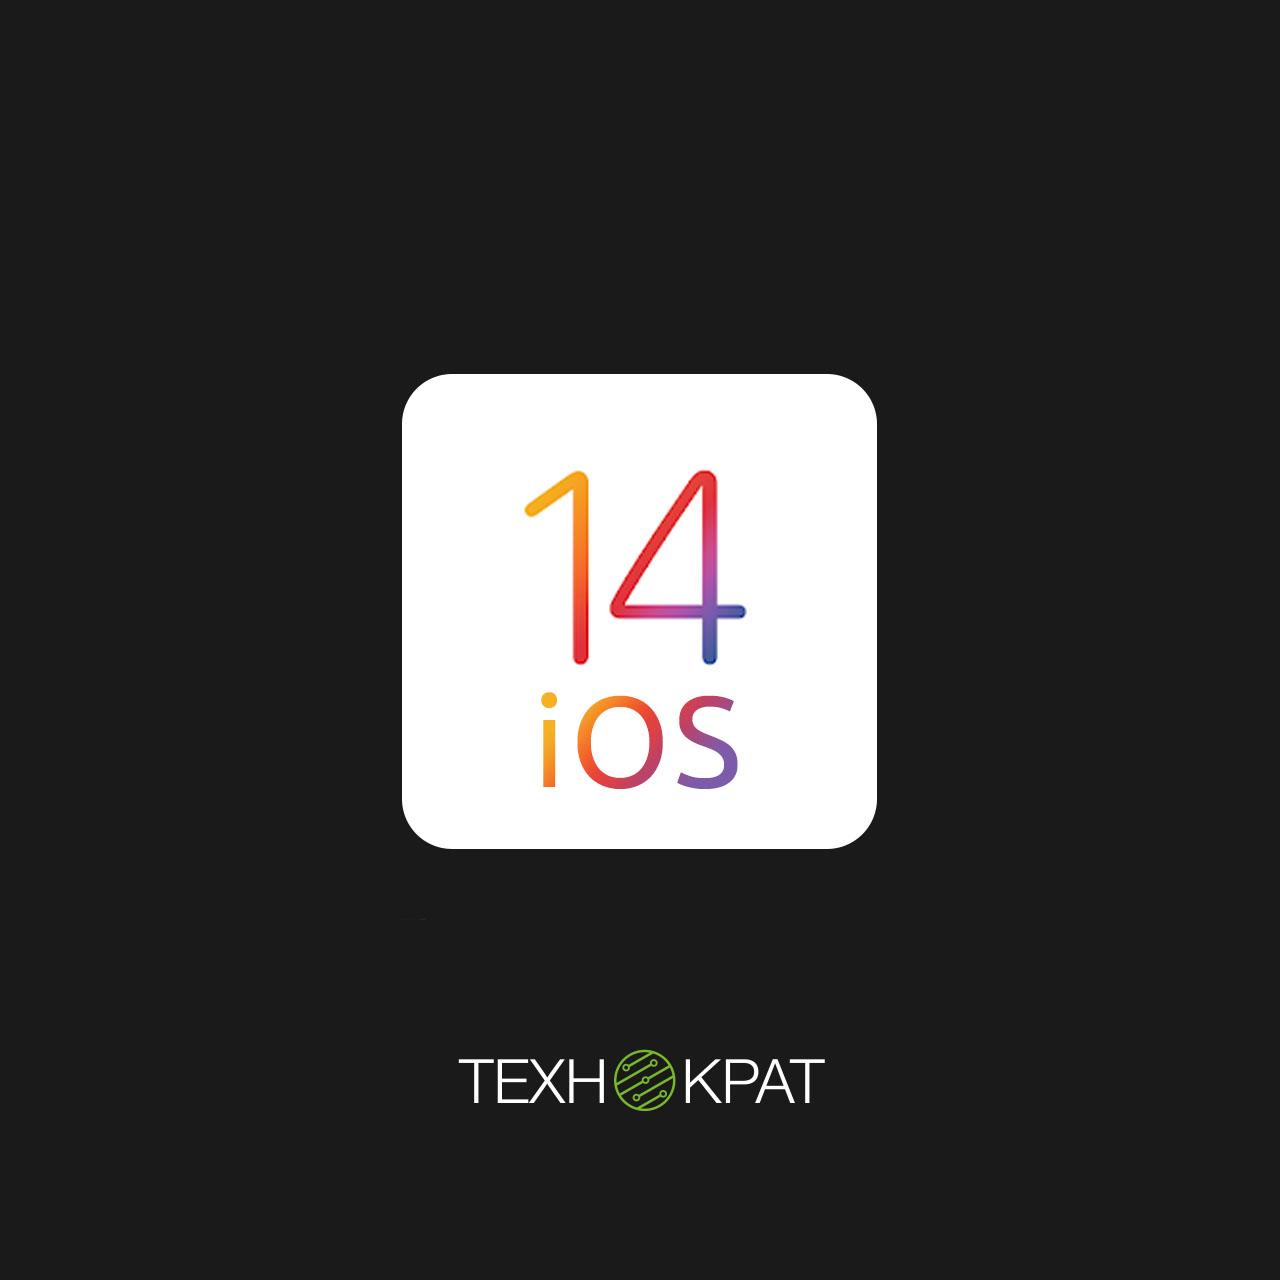 3 приголомшливі фішки iOS 14 про які ви не знали 😉